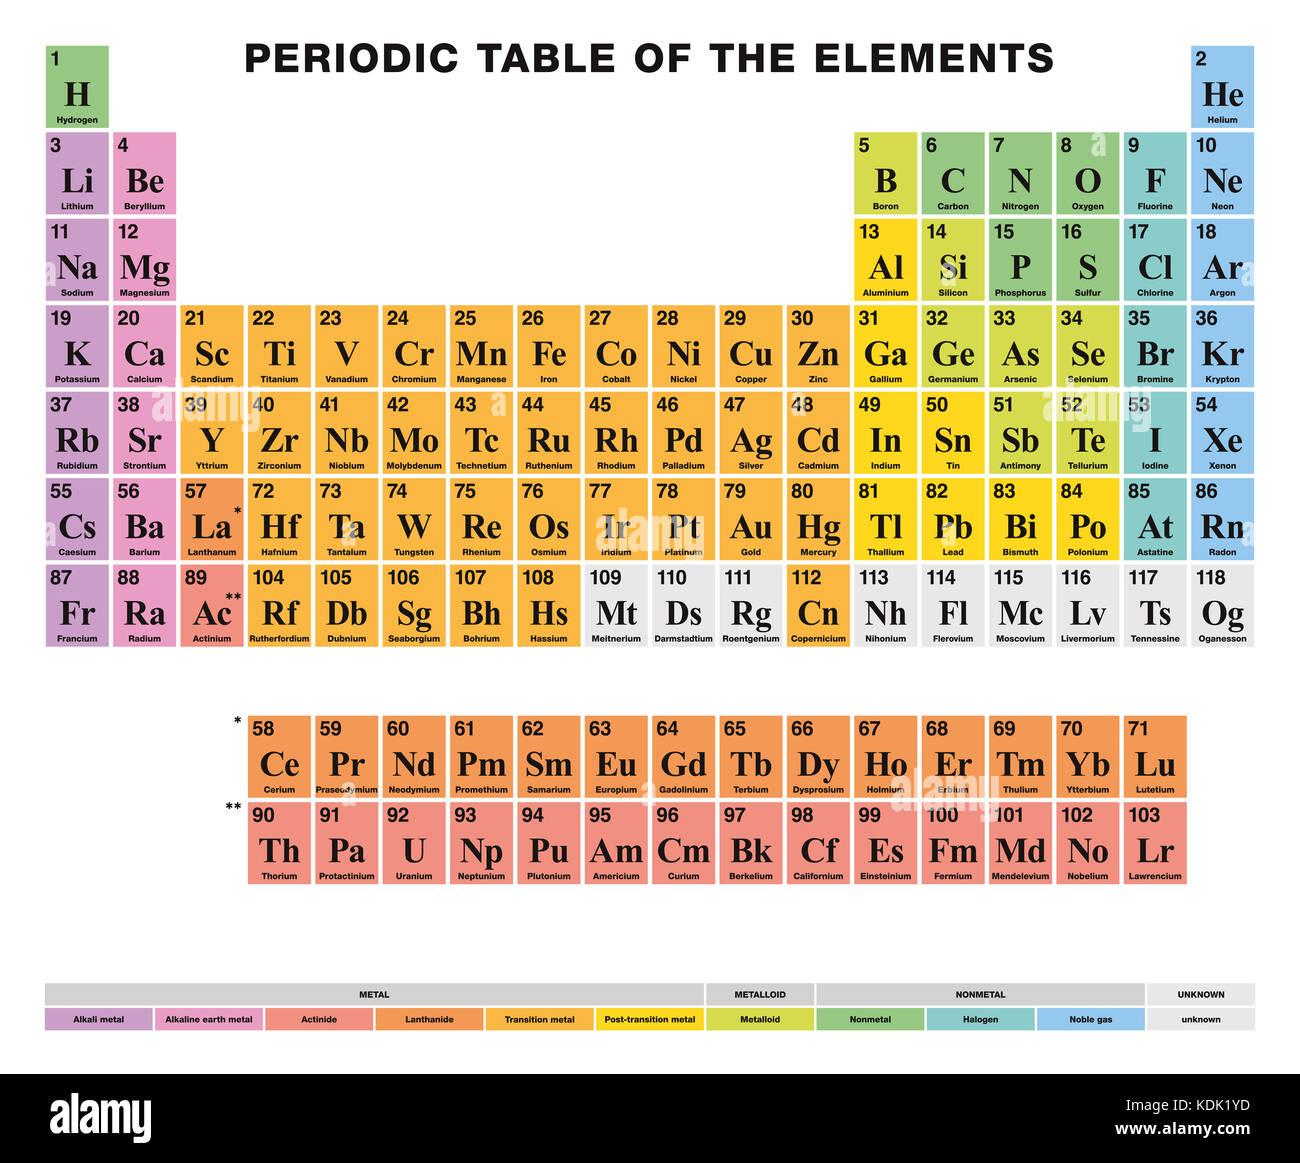 Tavola Periodica Degli Elementi Etichetta Inglese Disposizione Tabellare Di 118 Elementi Chimici Numero Atomico I Simboli E I Nomi E Le Celle Di Colore Foto Stock Alamy